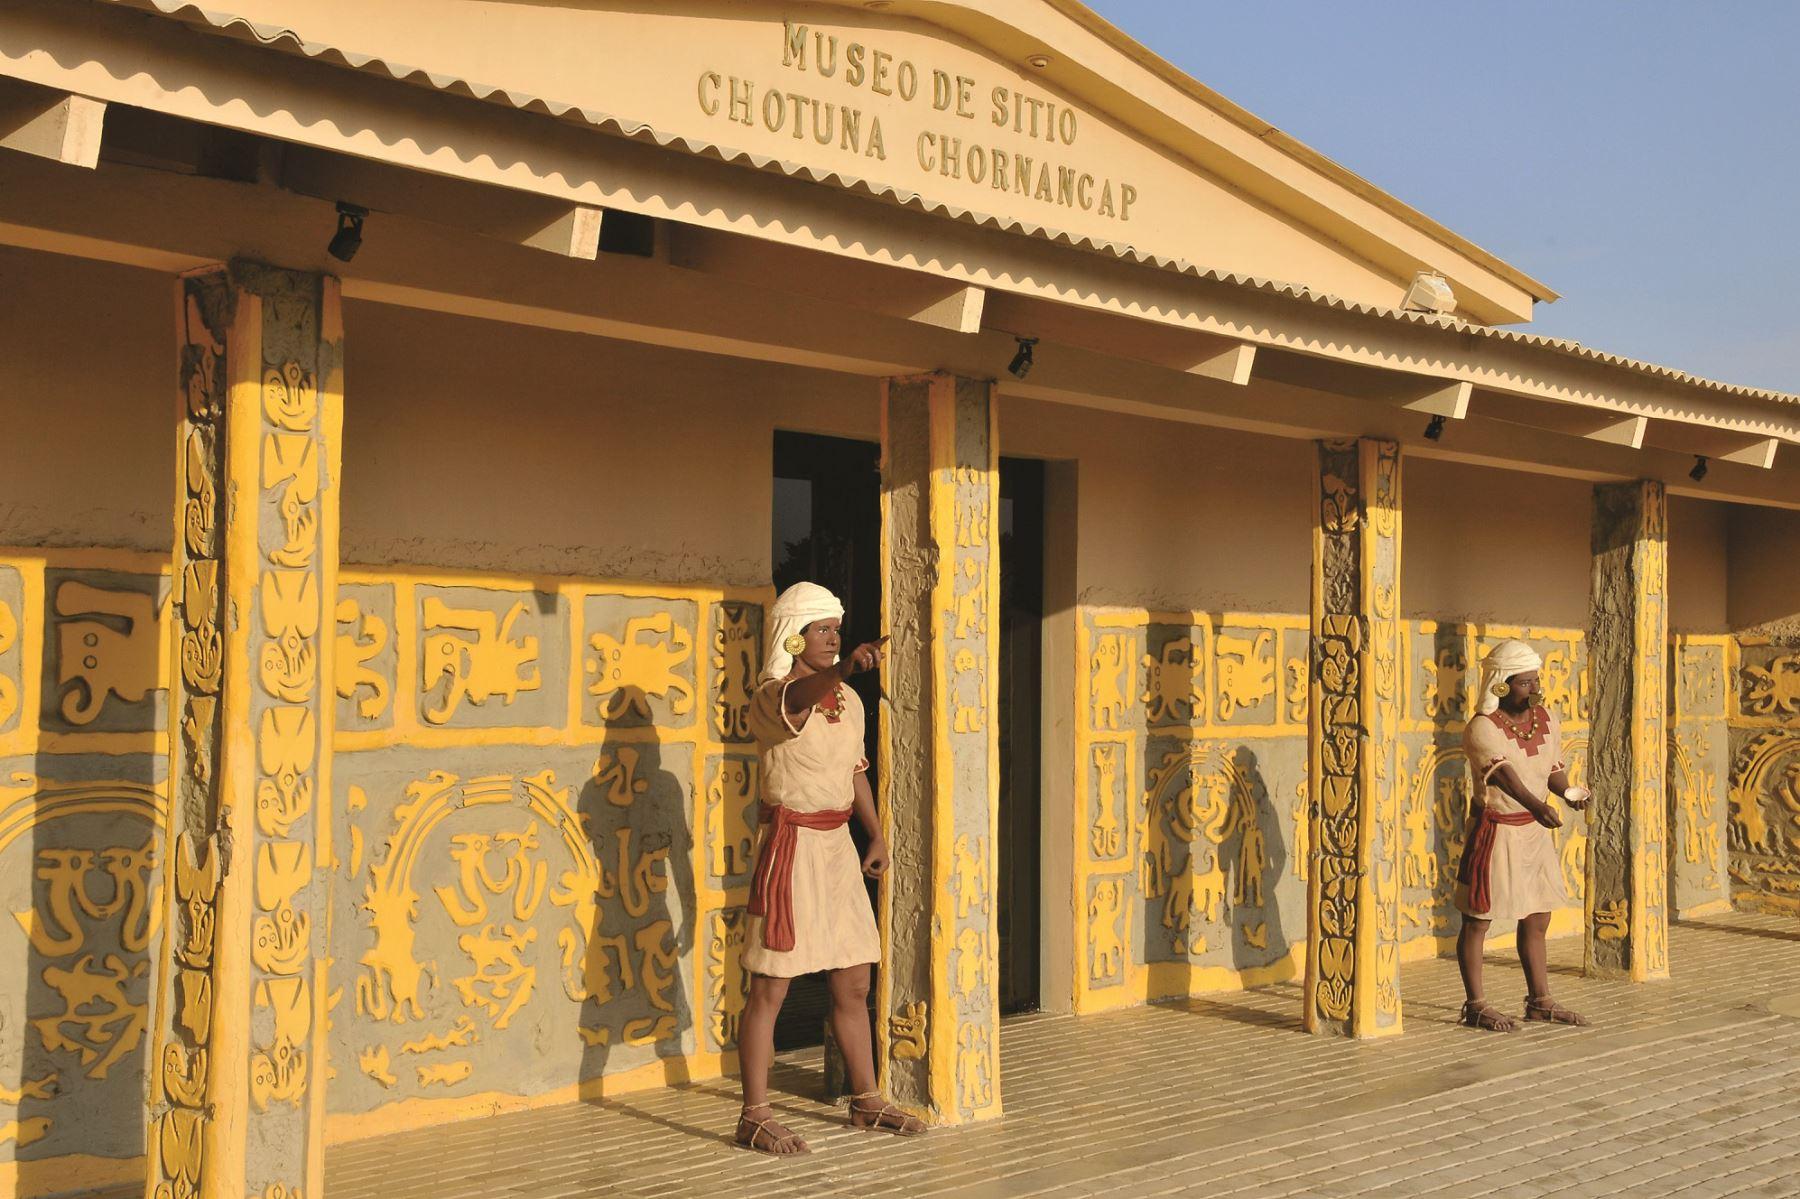 Museo de Sitio Chotuna-Chornancap, en la región Lambayeque, fue construido con adobe, caña y barro.